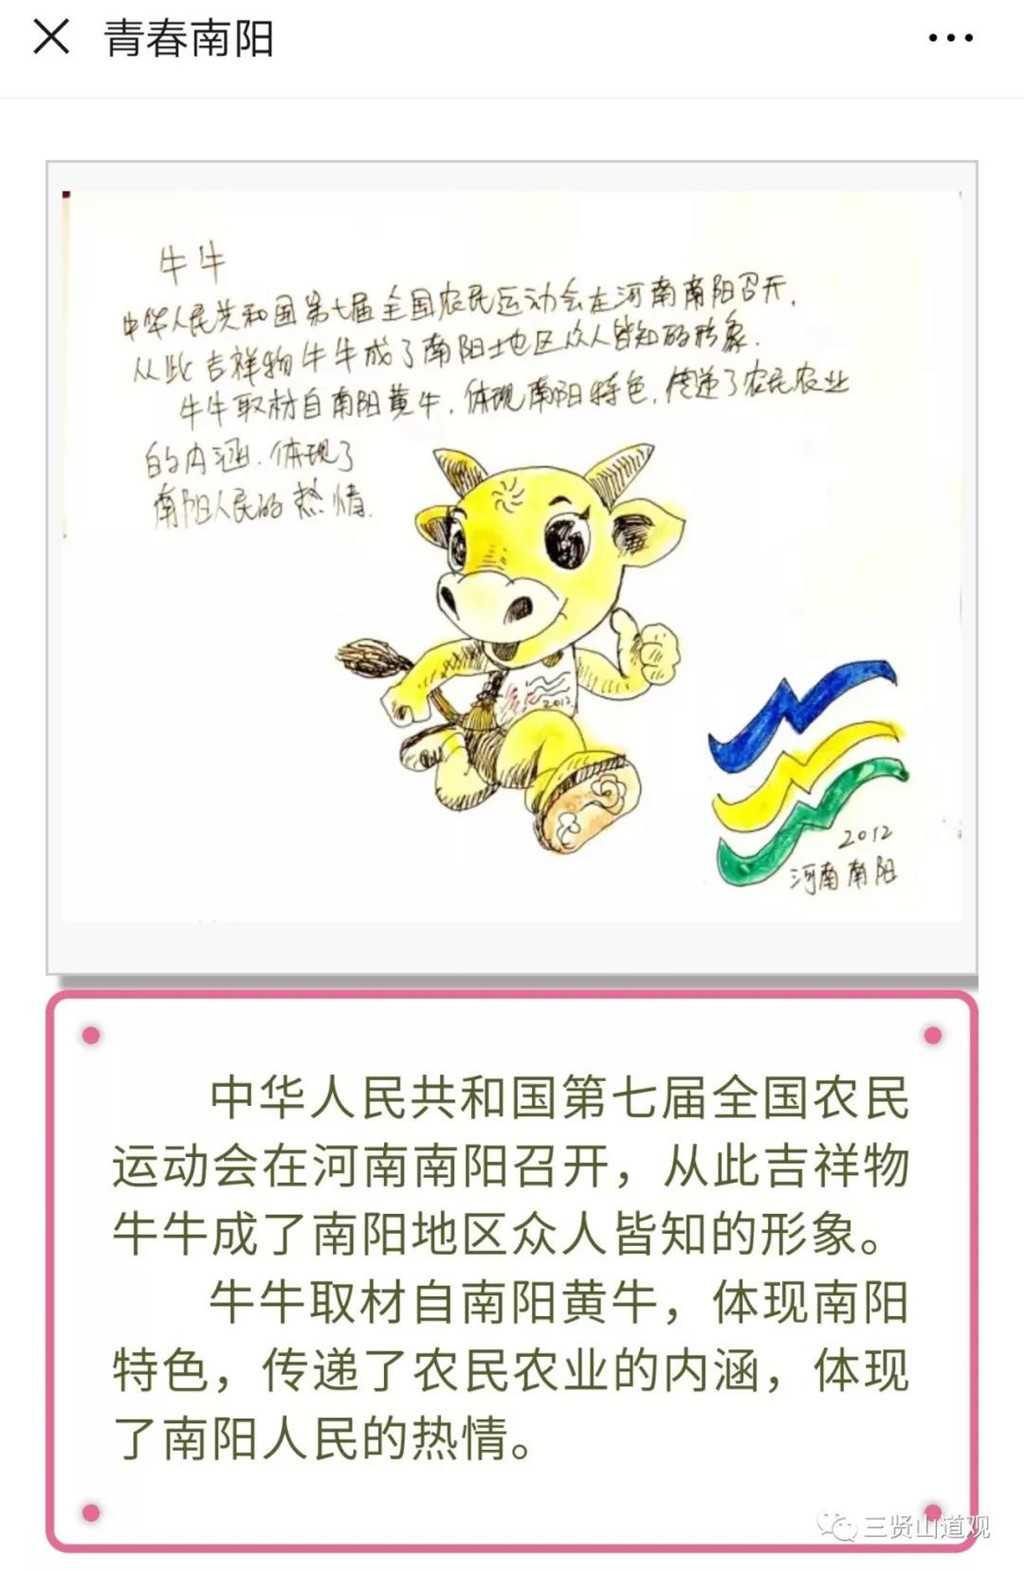 来源:共青团南阳市委微信平台青春南阳《手绘南阳》系列